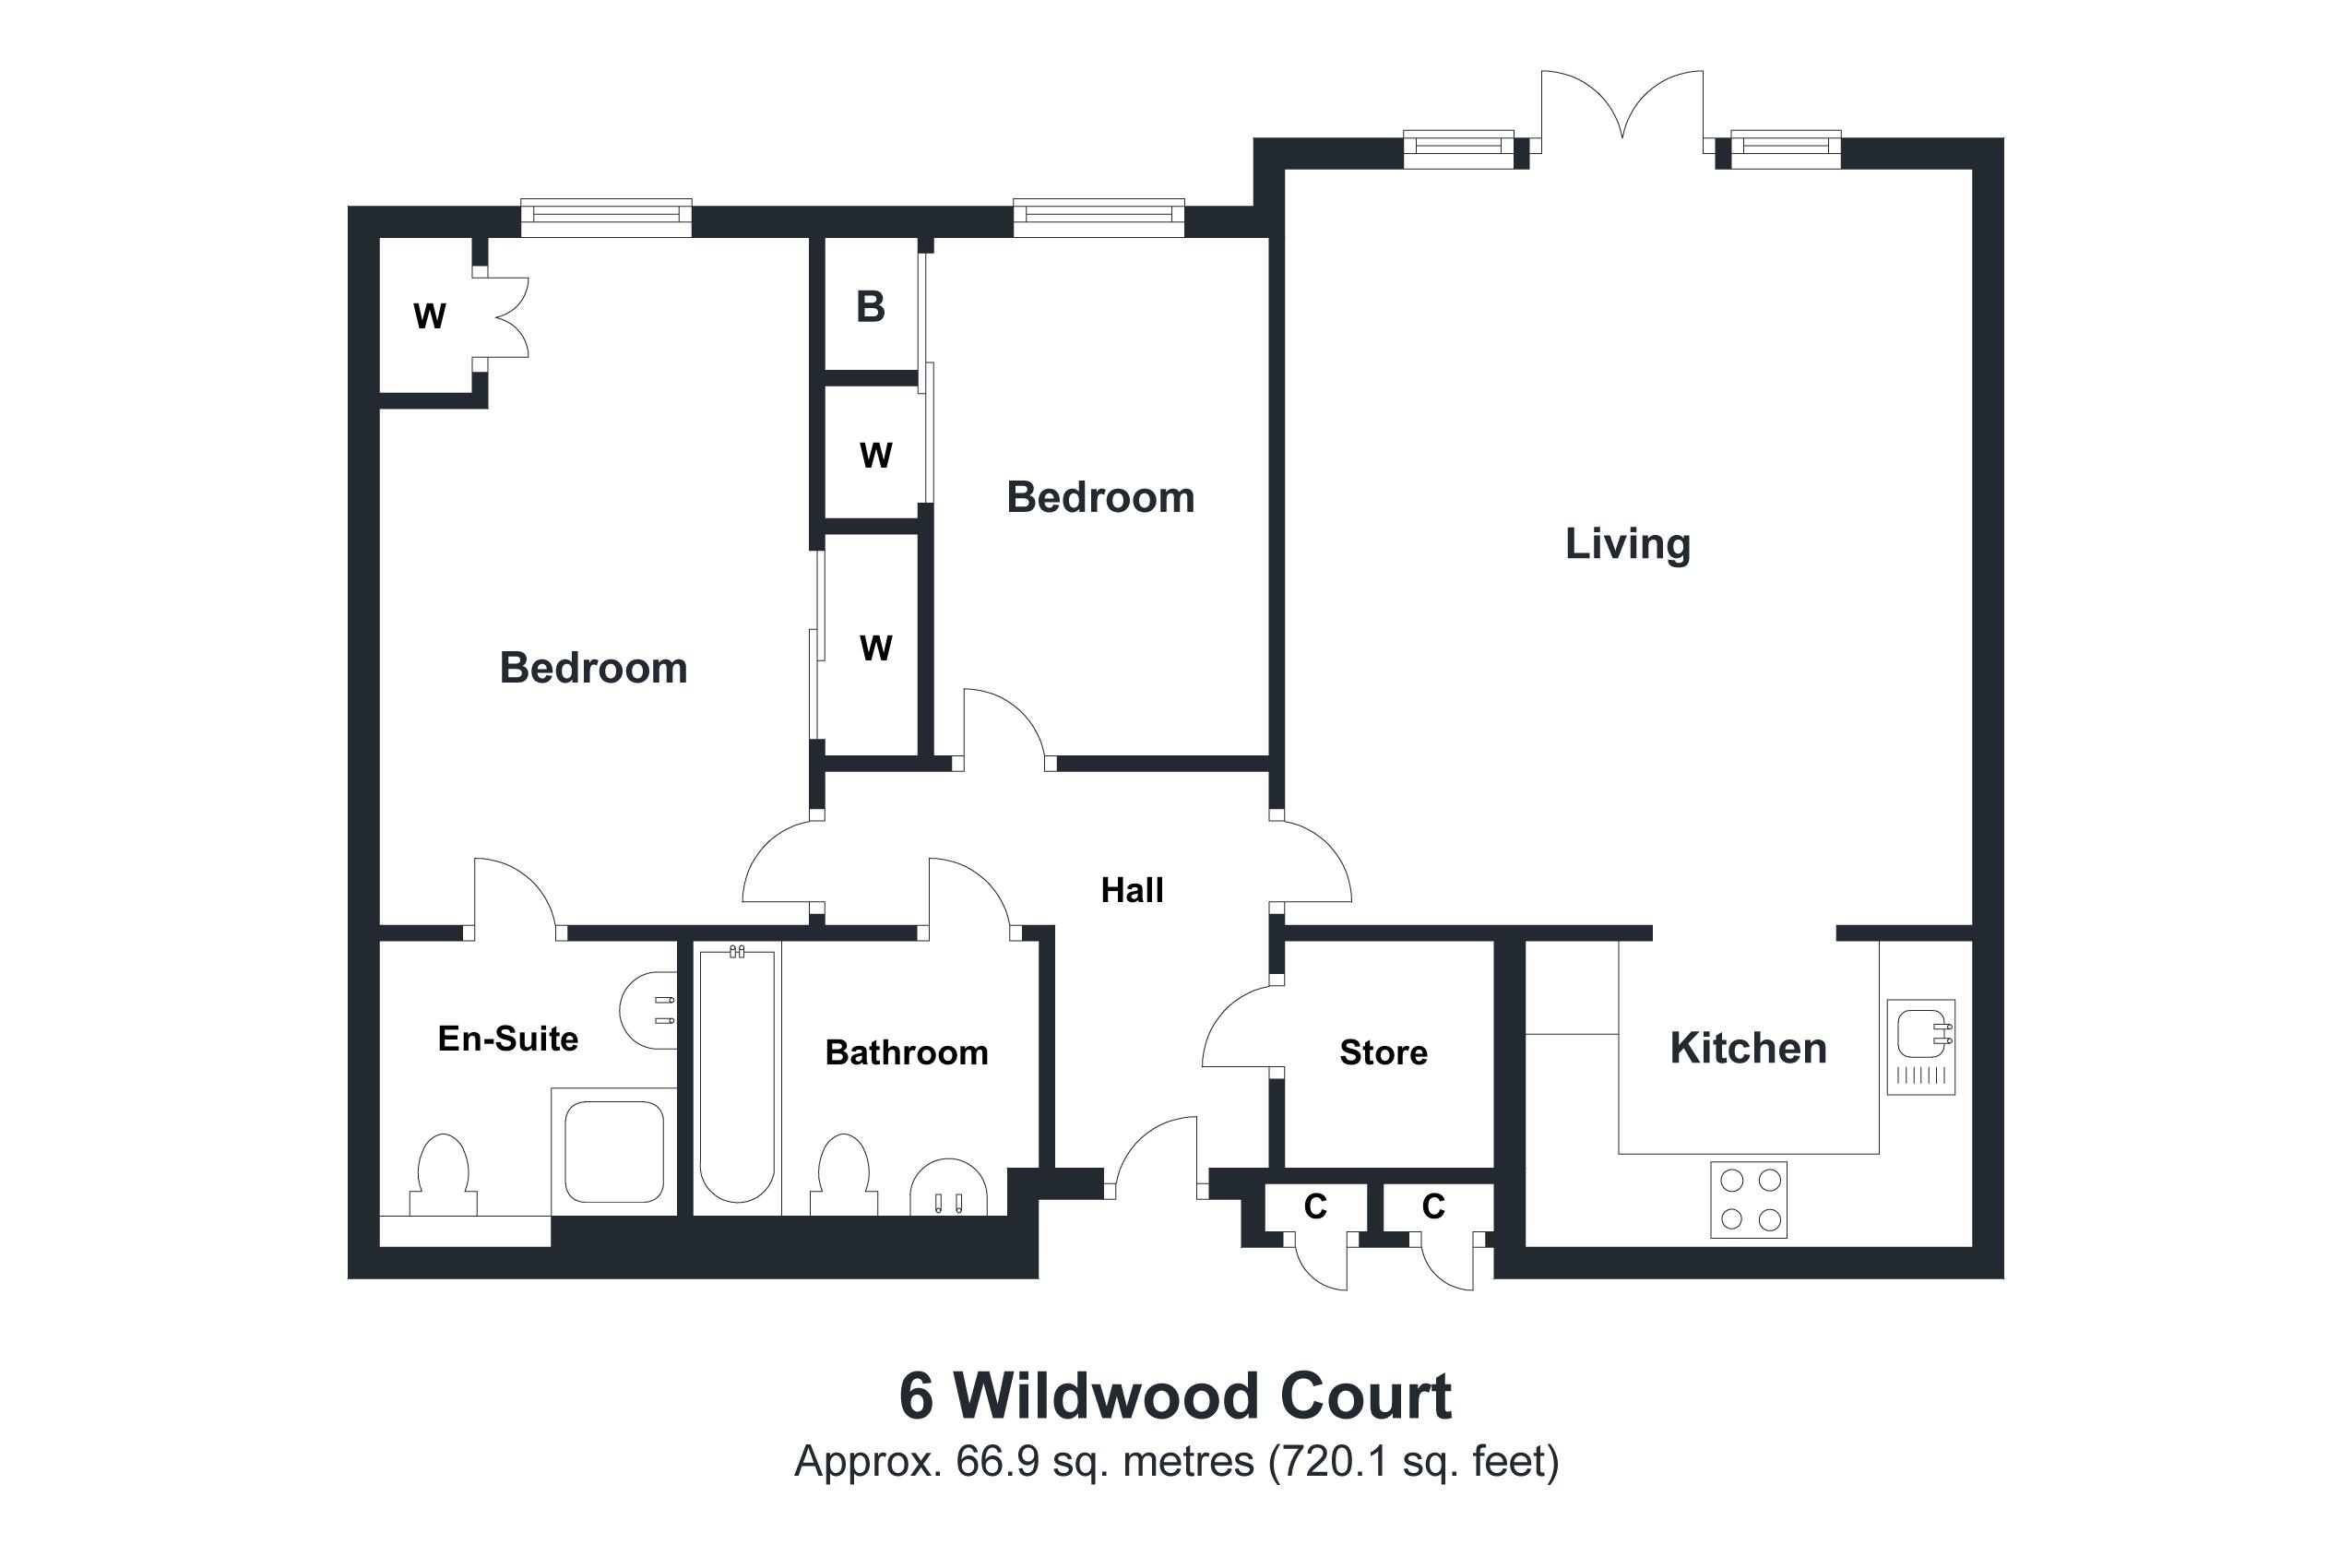 6 Wildwood Court Floorplan